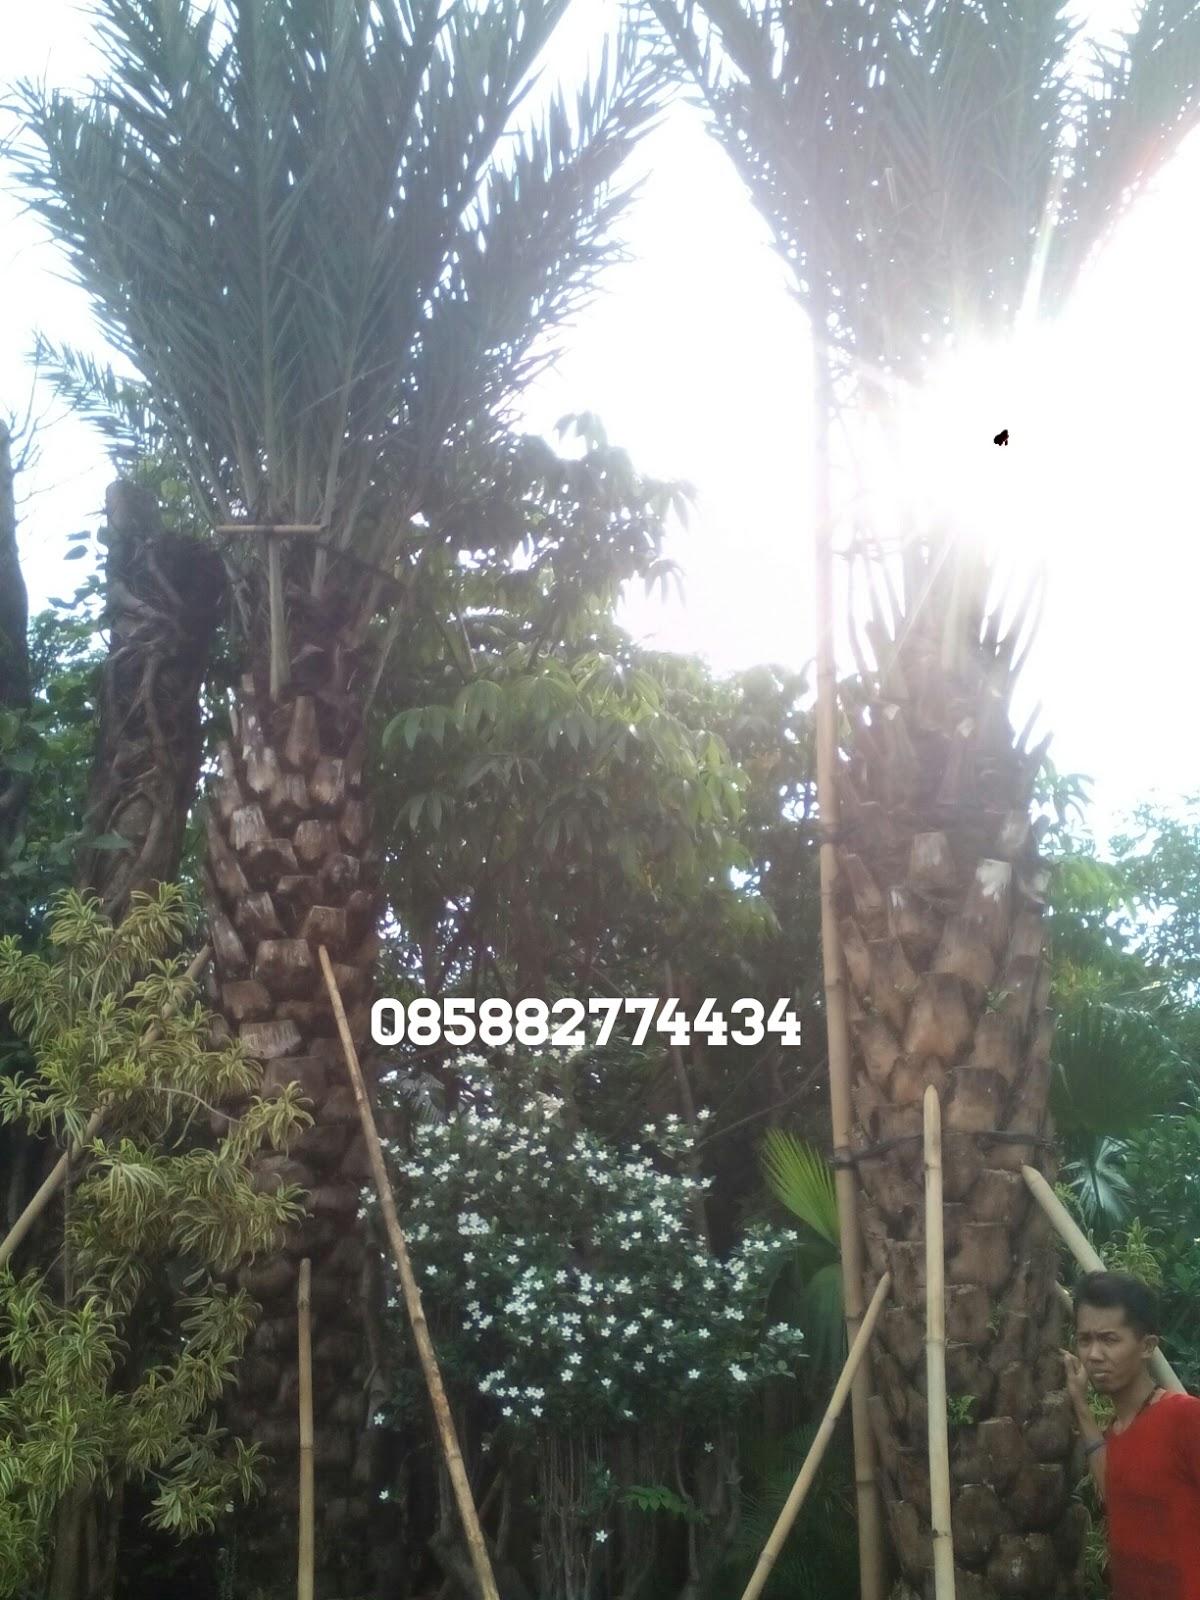 Jual Pohon Kurma Tanaman Hias Tanaman Pelindung Jasa